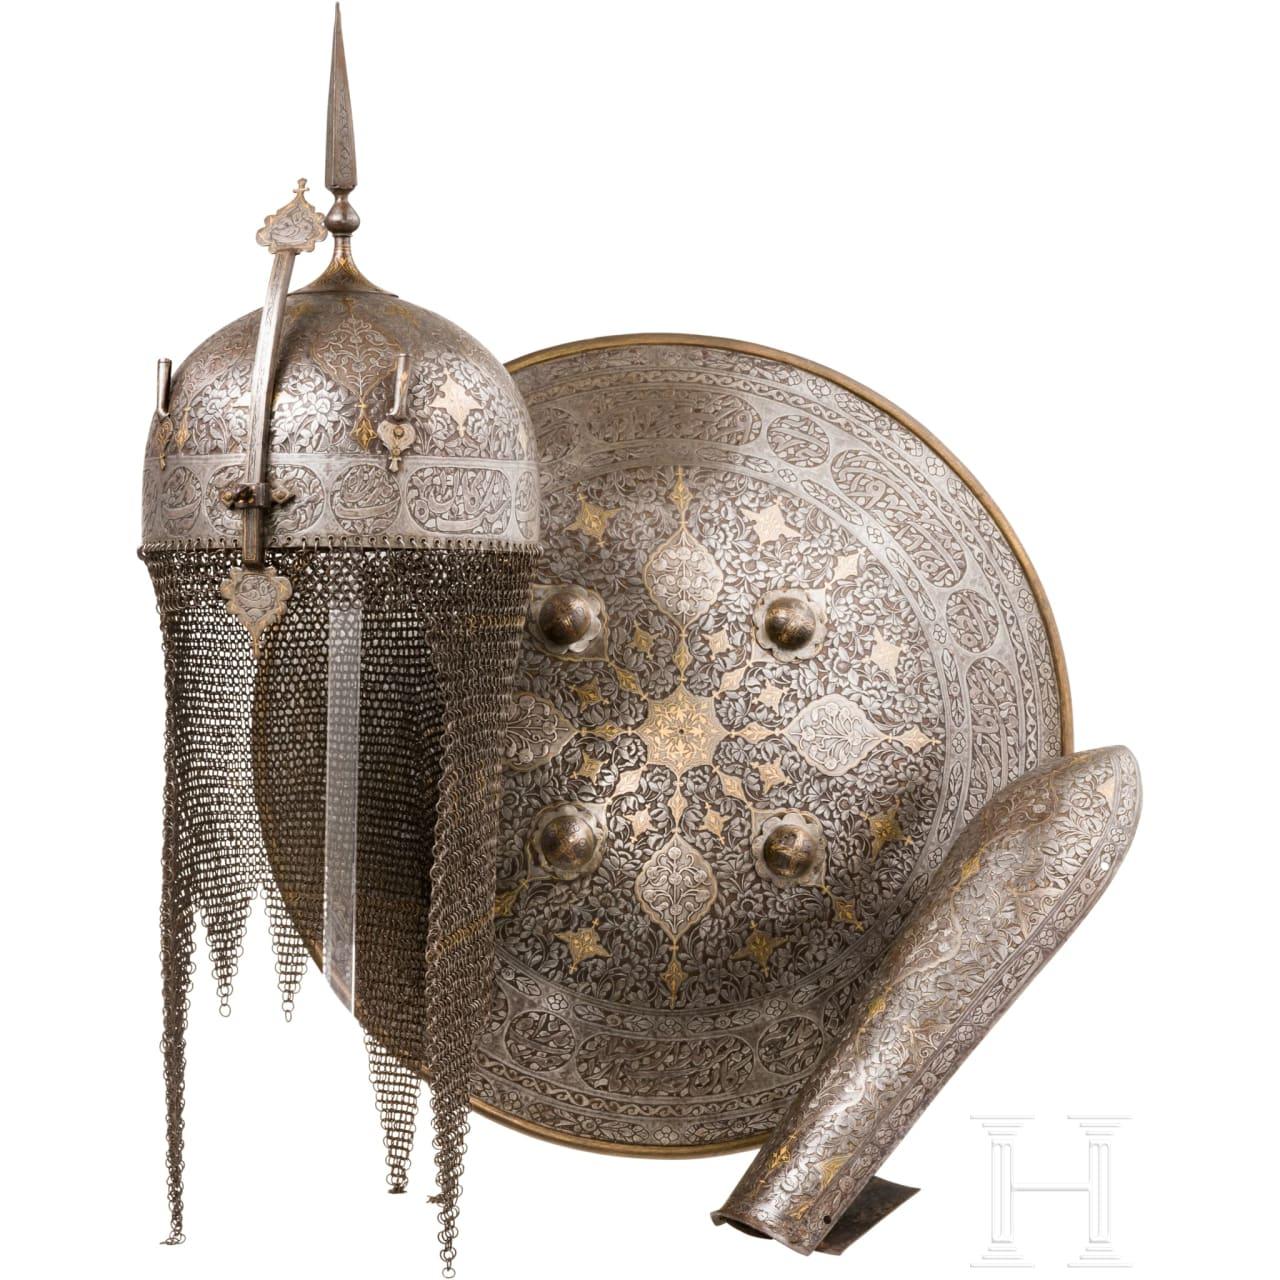 Dreiteilige Rüstungsgarnitur, Persien, 1. Hälfte 19. Jhdt.